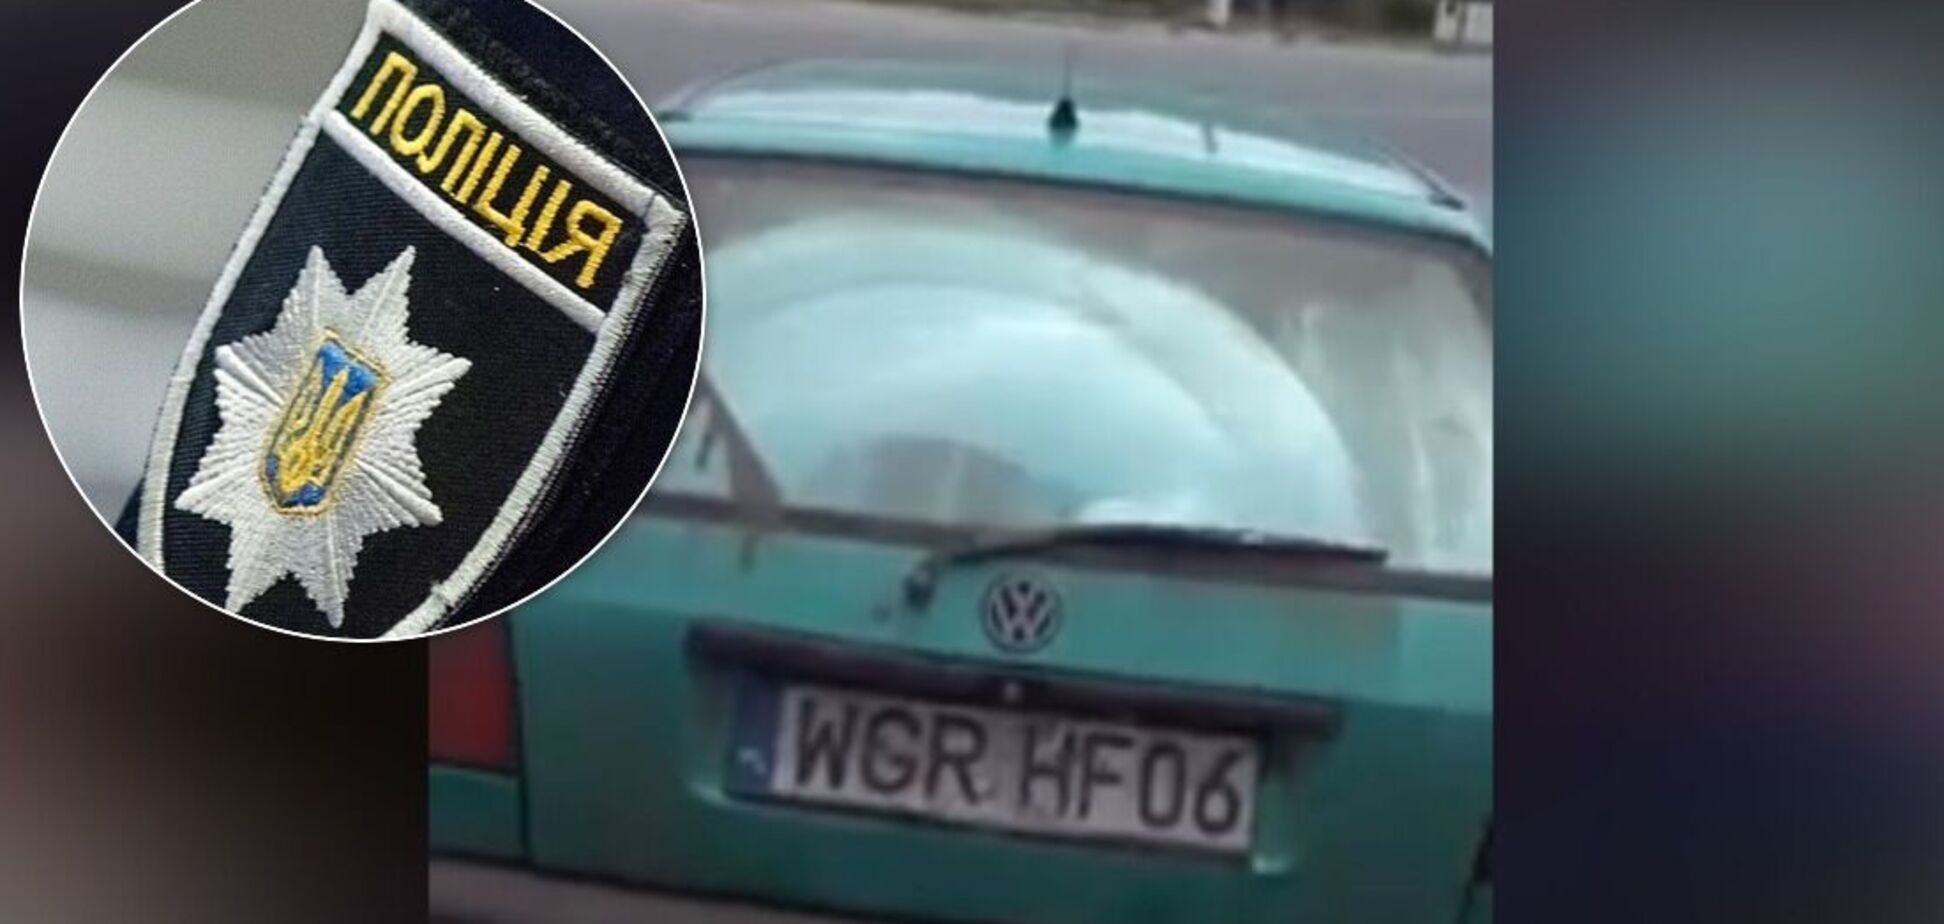 В соцсети обсуждают видео с полицейскими на нерастаможенном авто